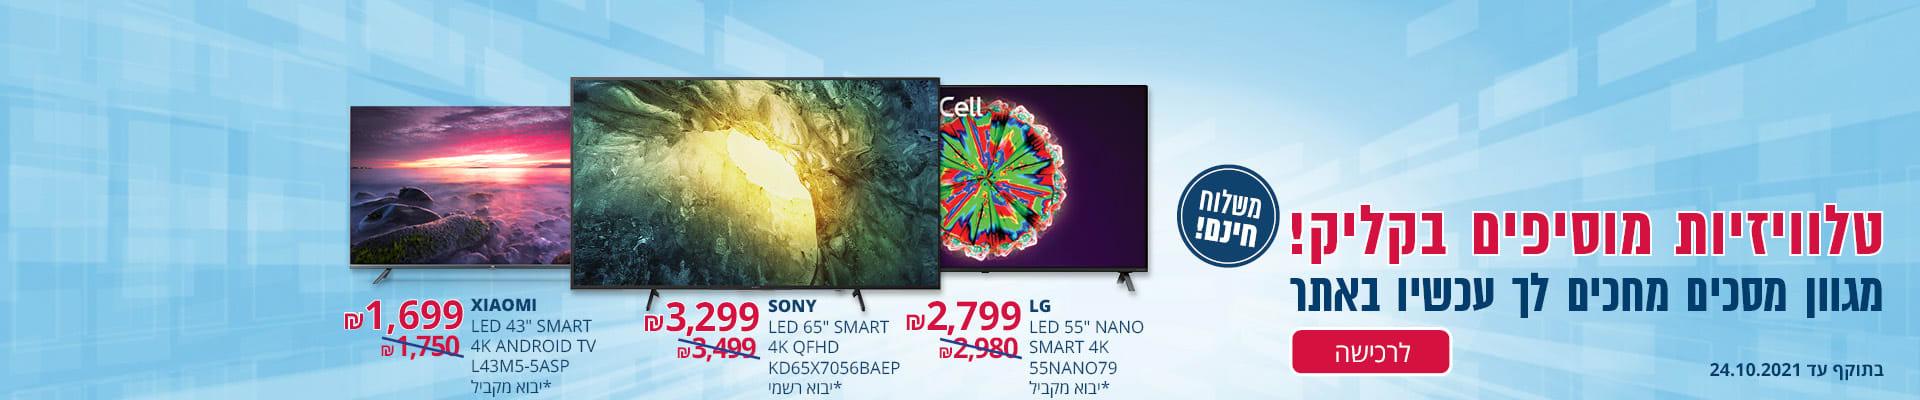 """טלוויזיות מוסיפים בקליק! מגוון מסכים במשלוח חינם: XIAOMI LED 43"""" SMART 4K ANDROID TV יבוא מקביל ב-1699₪ , SONY LED 65"""" SMART 4K  QFHD יבוא רשמי ב-3299₪, LG LED 55"""" SMART 4K  NANO, יבוא מקביל ב-2799₪ תוקף: 24.10.21"""